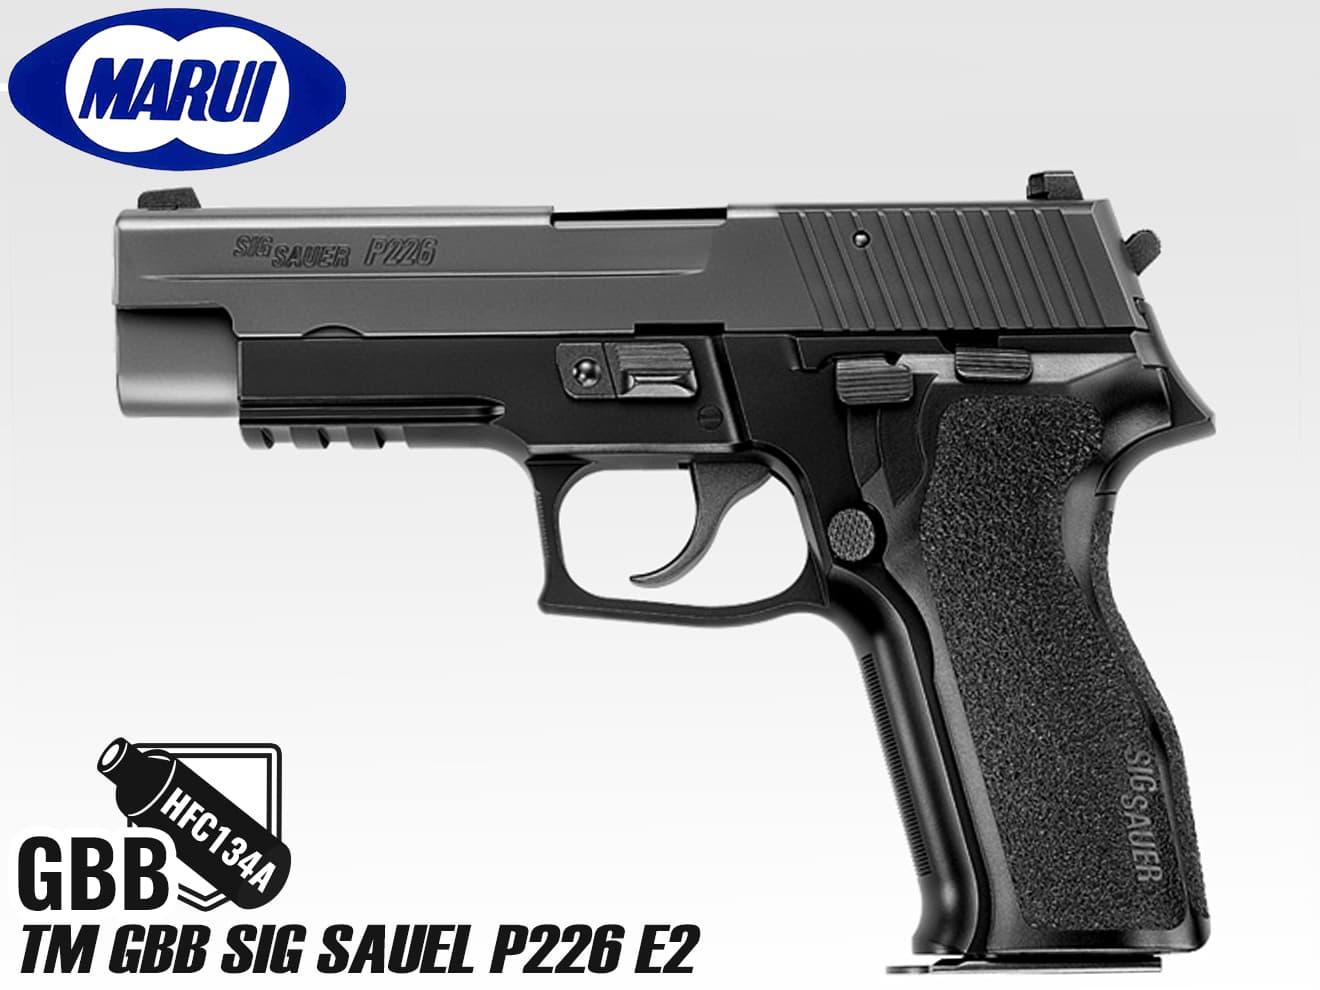 【送料無料】東京マルイ ガスブローバックハンドガン シグ ザウエル P226 E2★SIG SAUEL P226